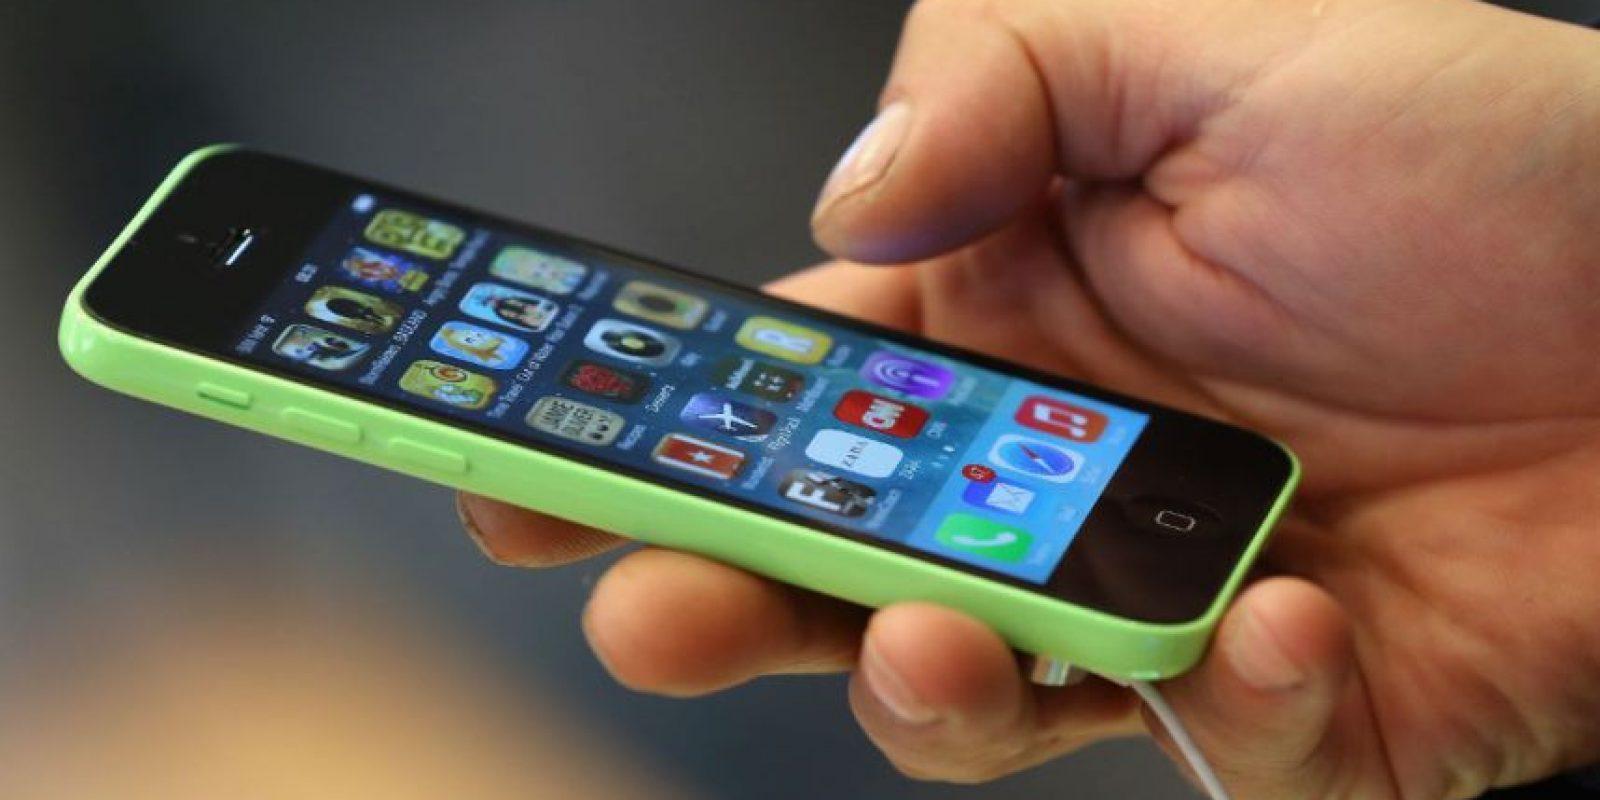 Las aplicaciones son las que ocupan más espacio en nuestro dispositivo. Foto:Getty Images